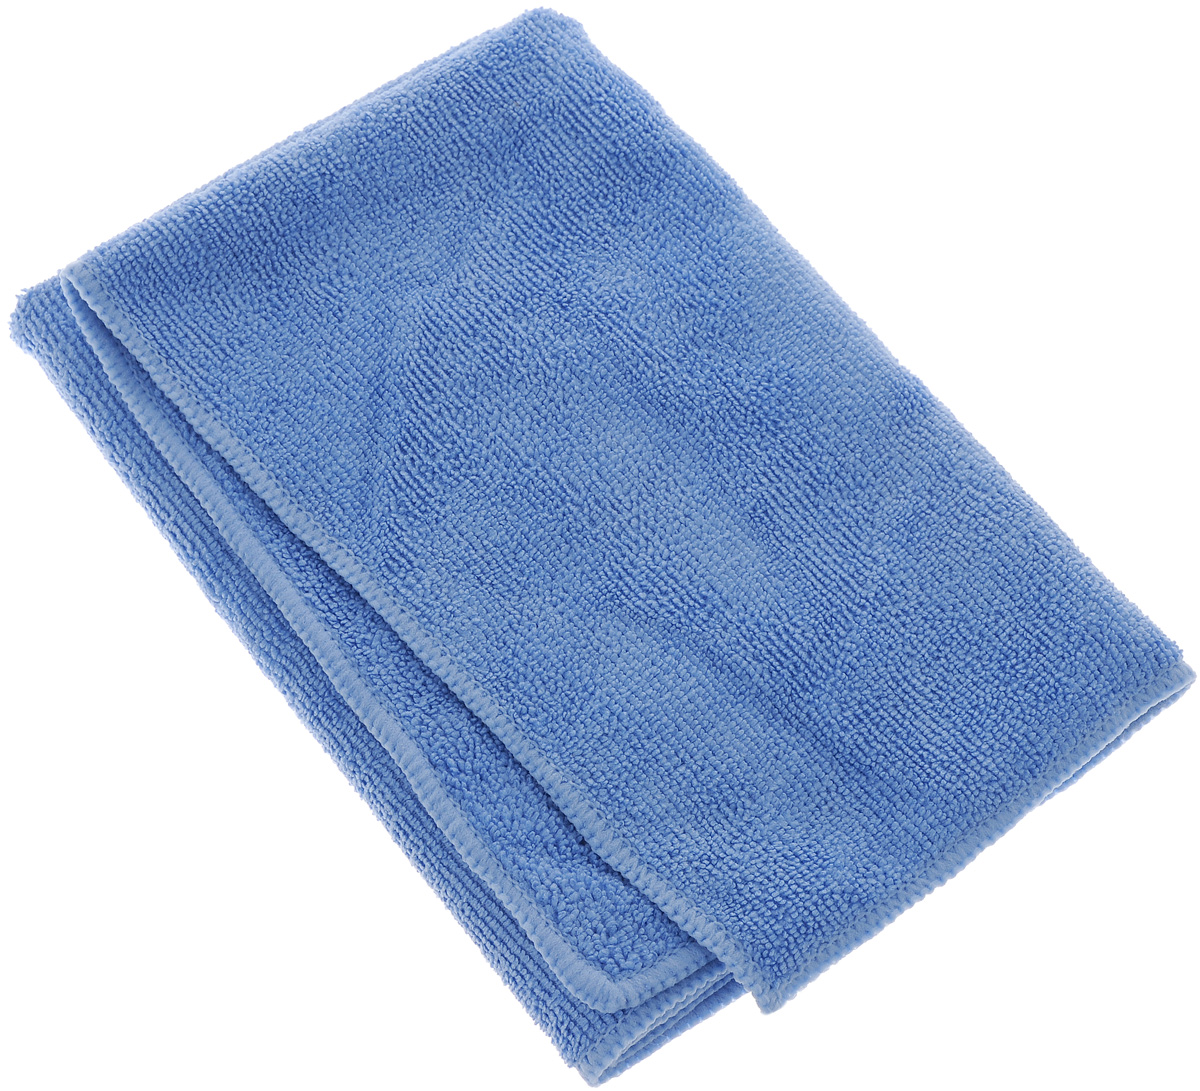 Салфетка для ухода за автомобилем Pingo, цвет: синий, 40 x 40 см43446Салфетка Pingo идеально подходит для полировки кузова автомобиля, для чистки лобового стекла, пластика и хрома, обивки сидений и кузова автомобиля, для влажной и сухой уборки. Махровая салфетка из микрофибры (полиэстер, полиамид) отлично впитывает влагу, быстро и эффективно удаляет пыль и грязь без применения дополнительных чистящих средств.Сильно загрязненную салфетку промыть в теплой воде. При стирке не использовать отбеливатель и смягчающие средства, не гладить.